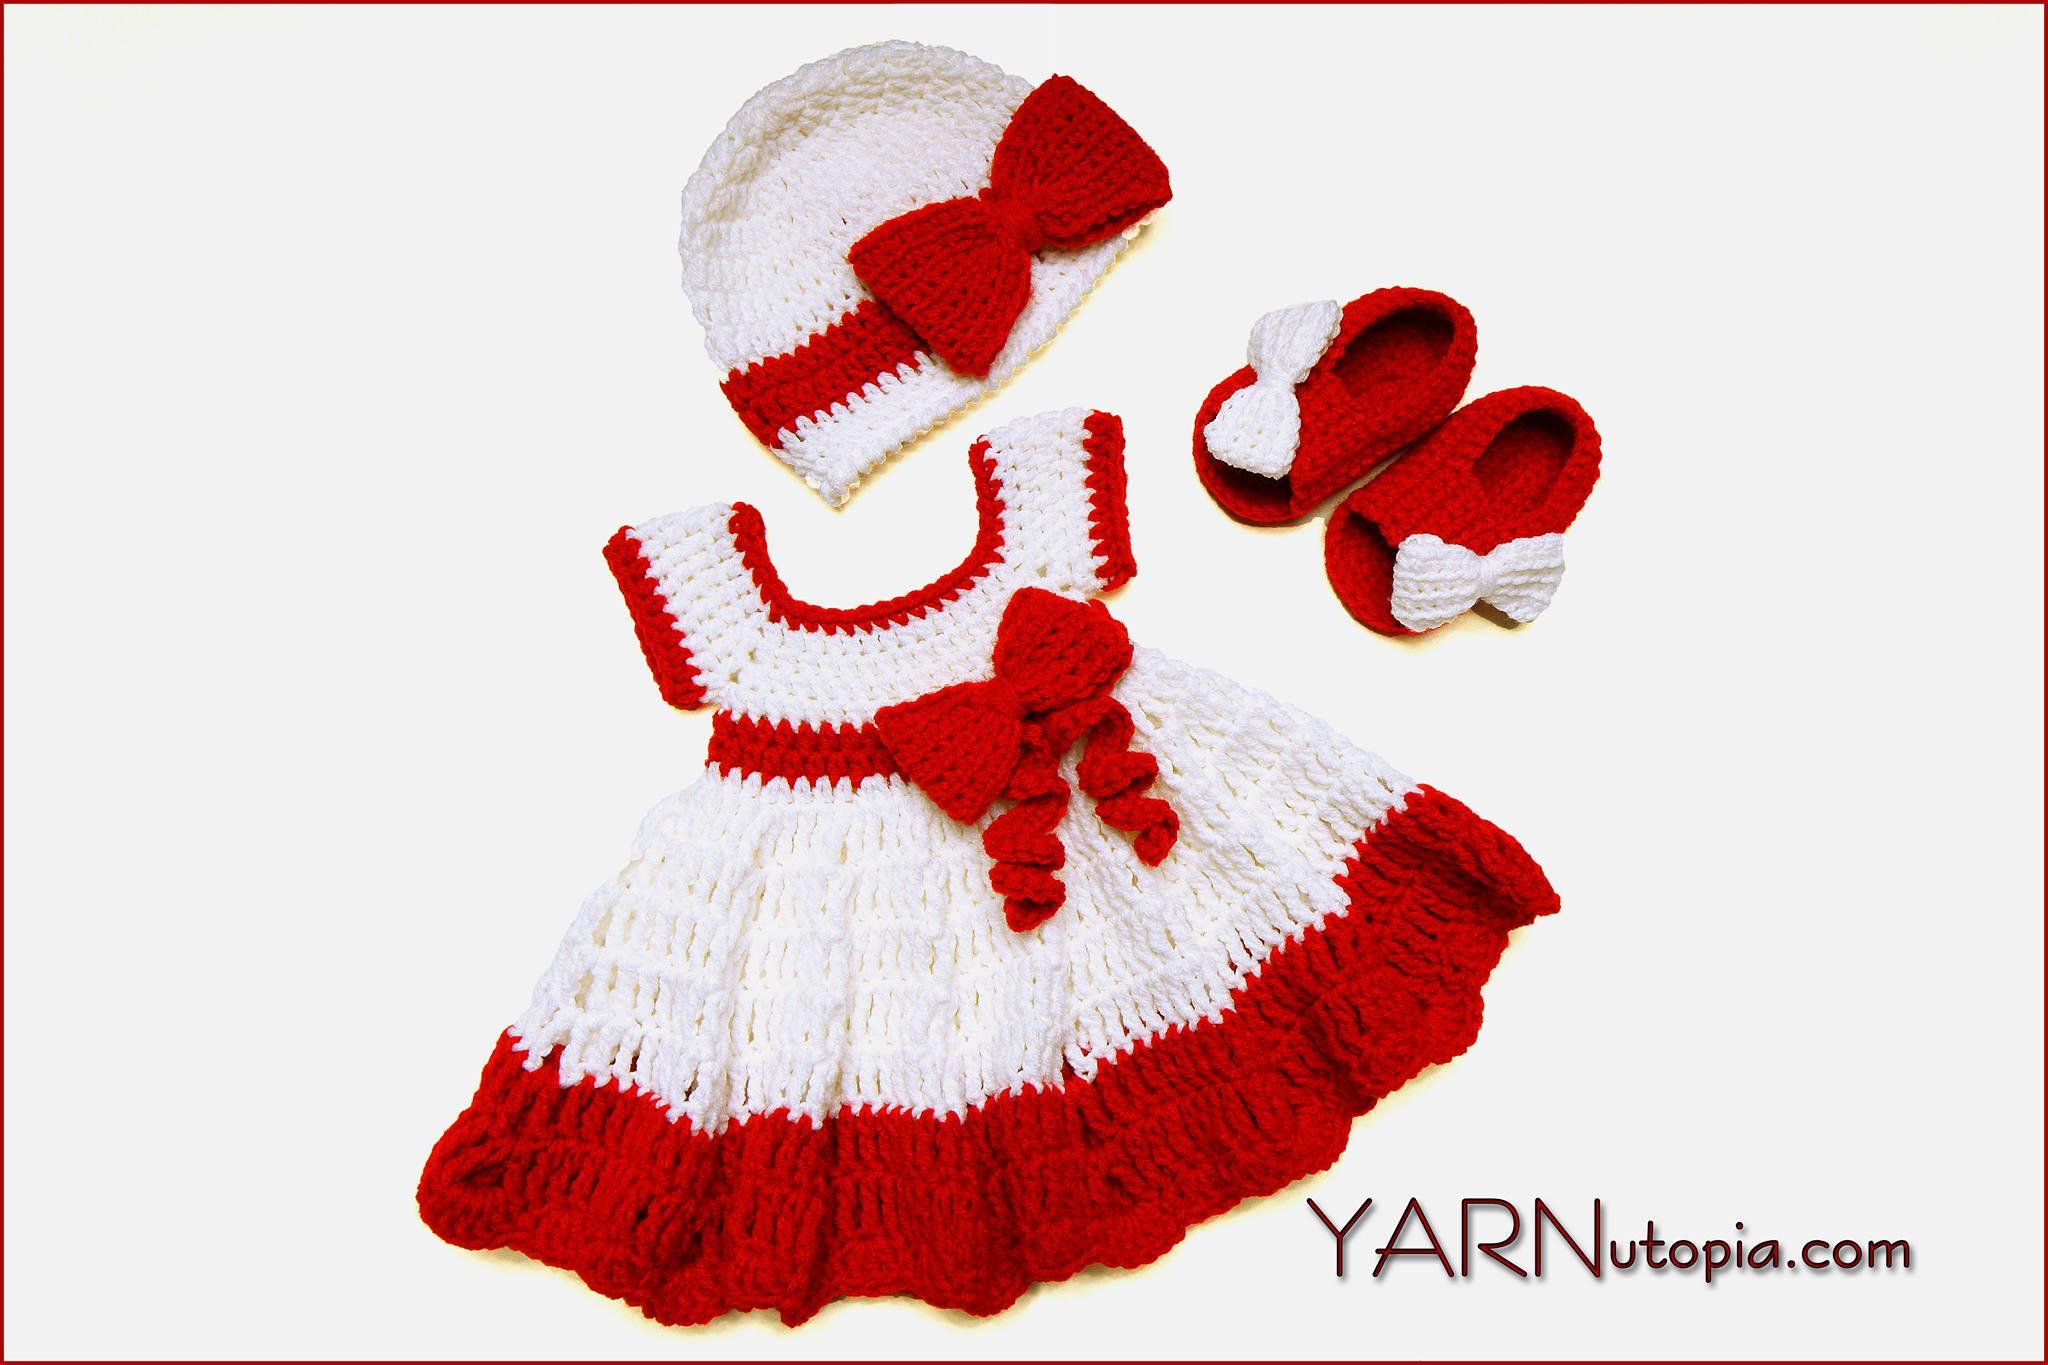 2015 July « YARNutopia by Nadia Fuad